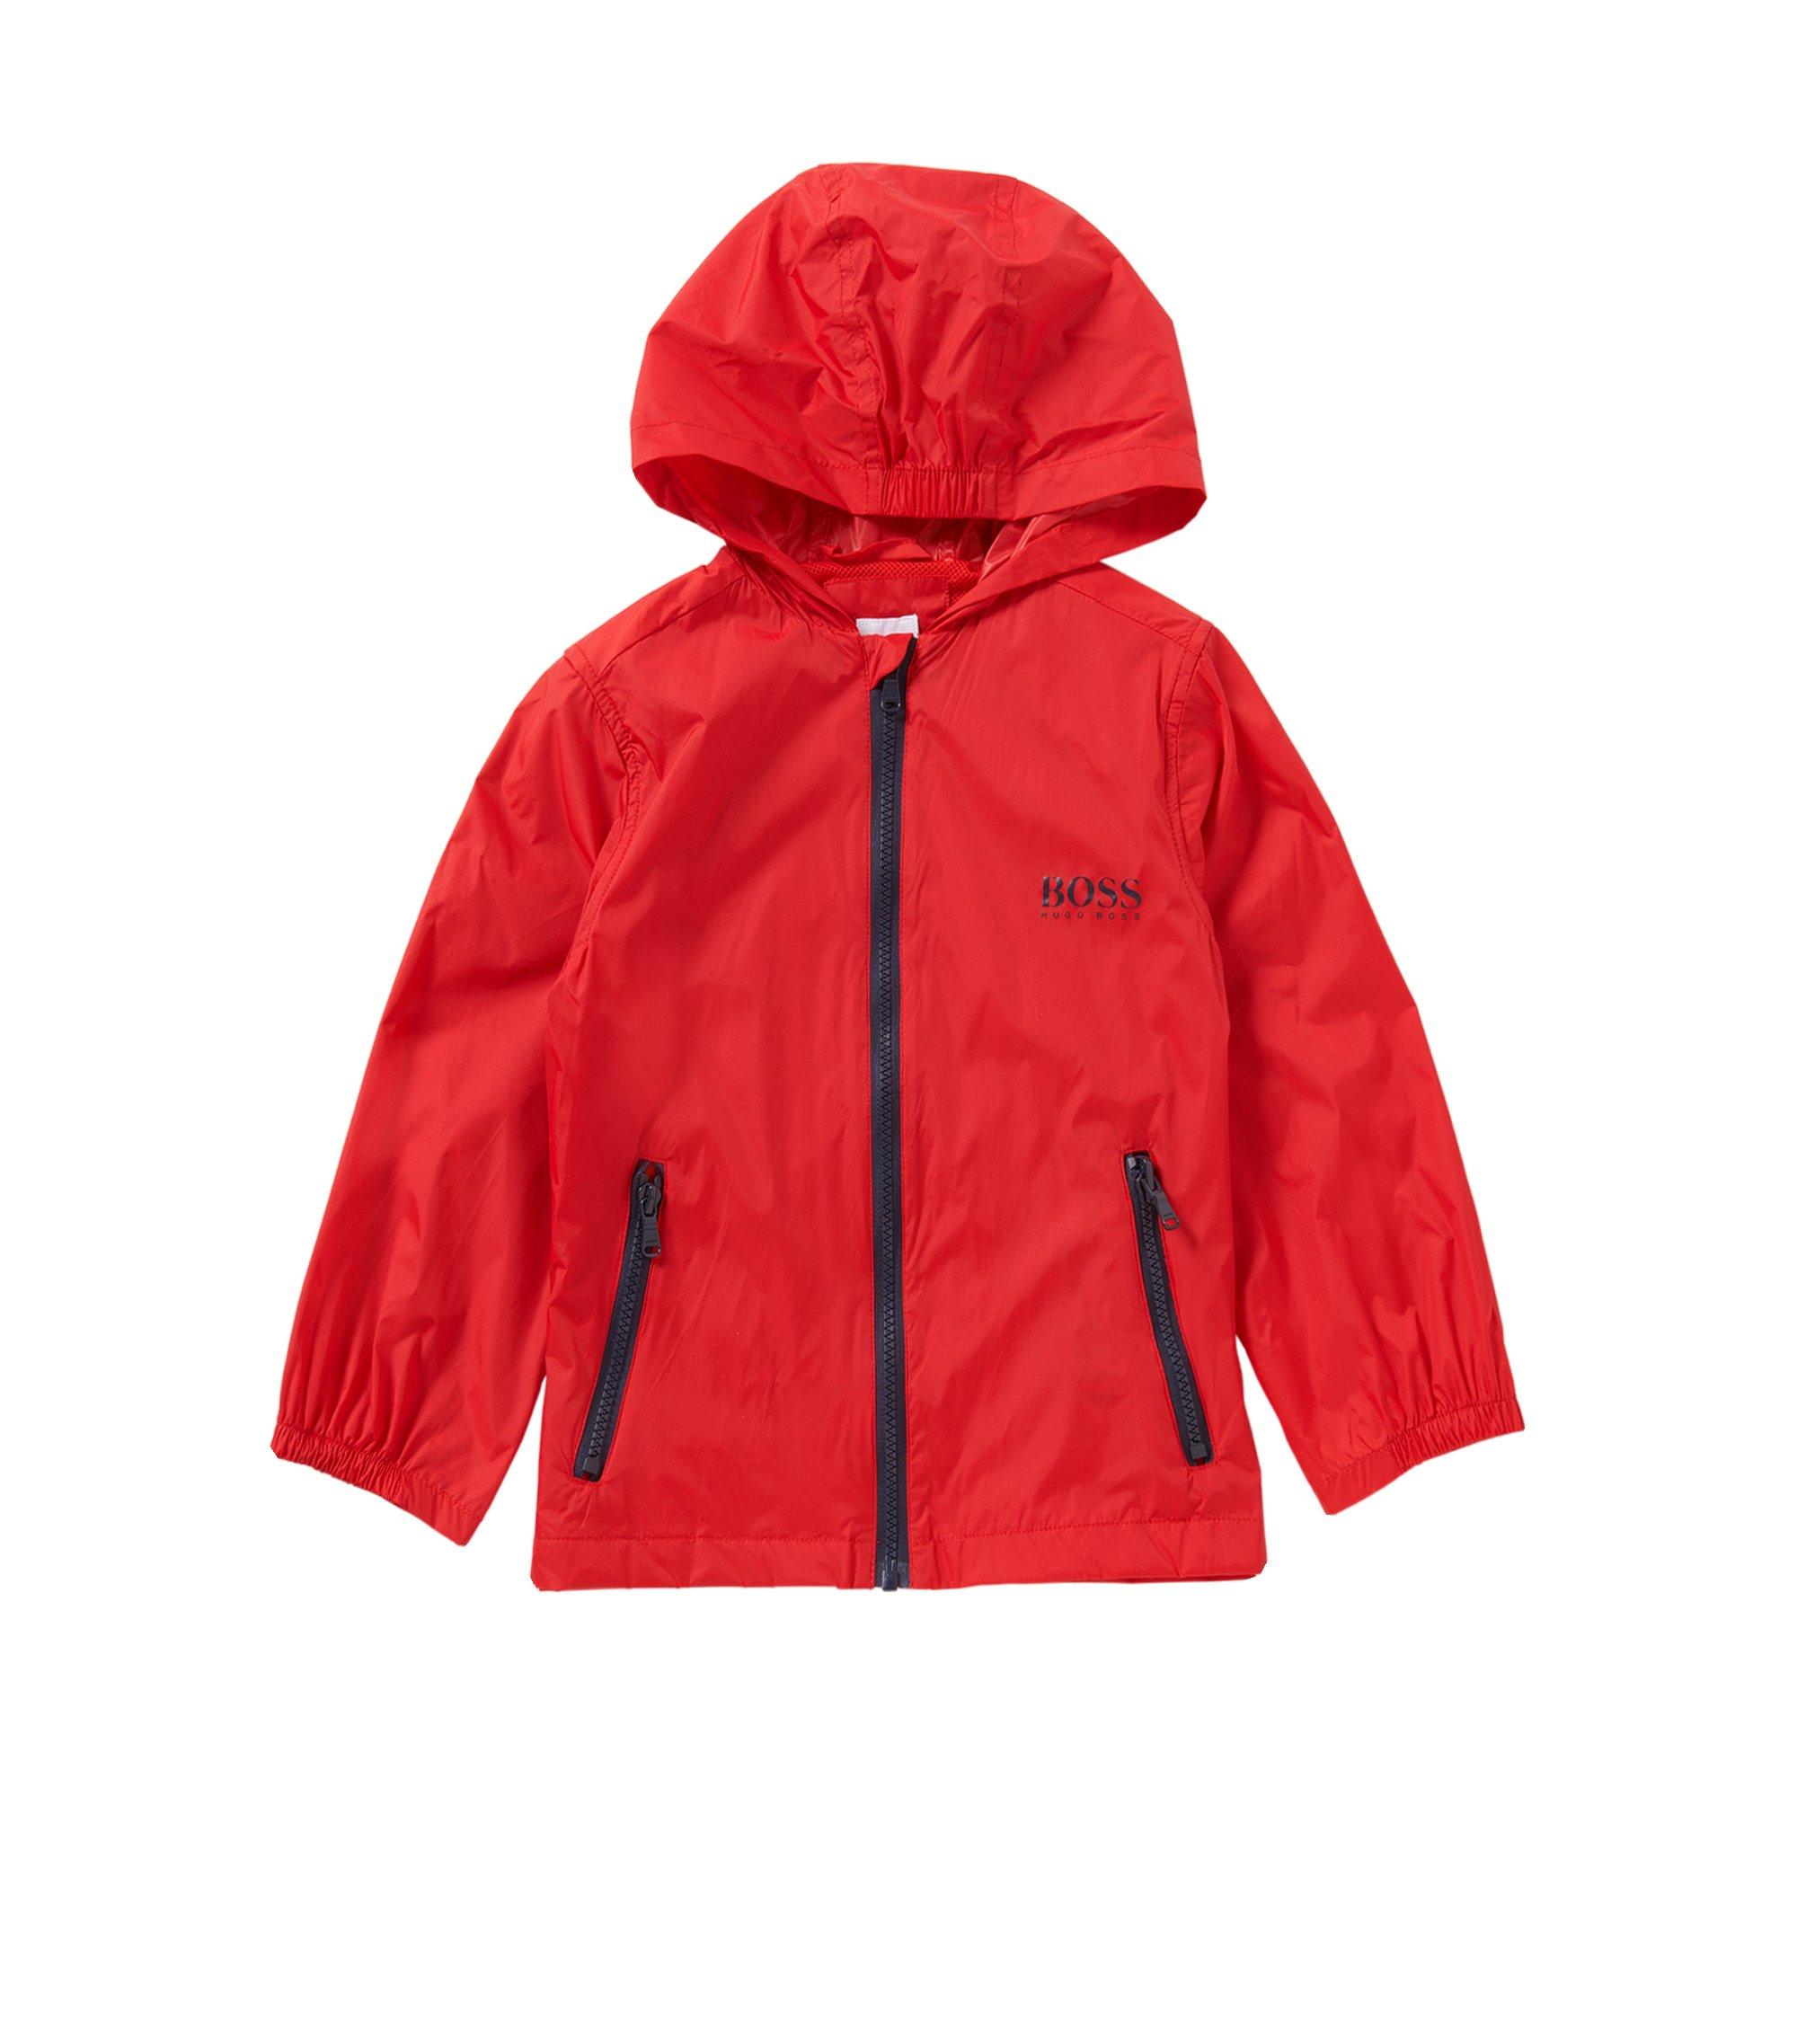 Kids-Jacke aus elastischem Baumwoll-Mix: 'J26280', Rot